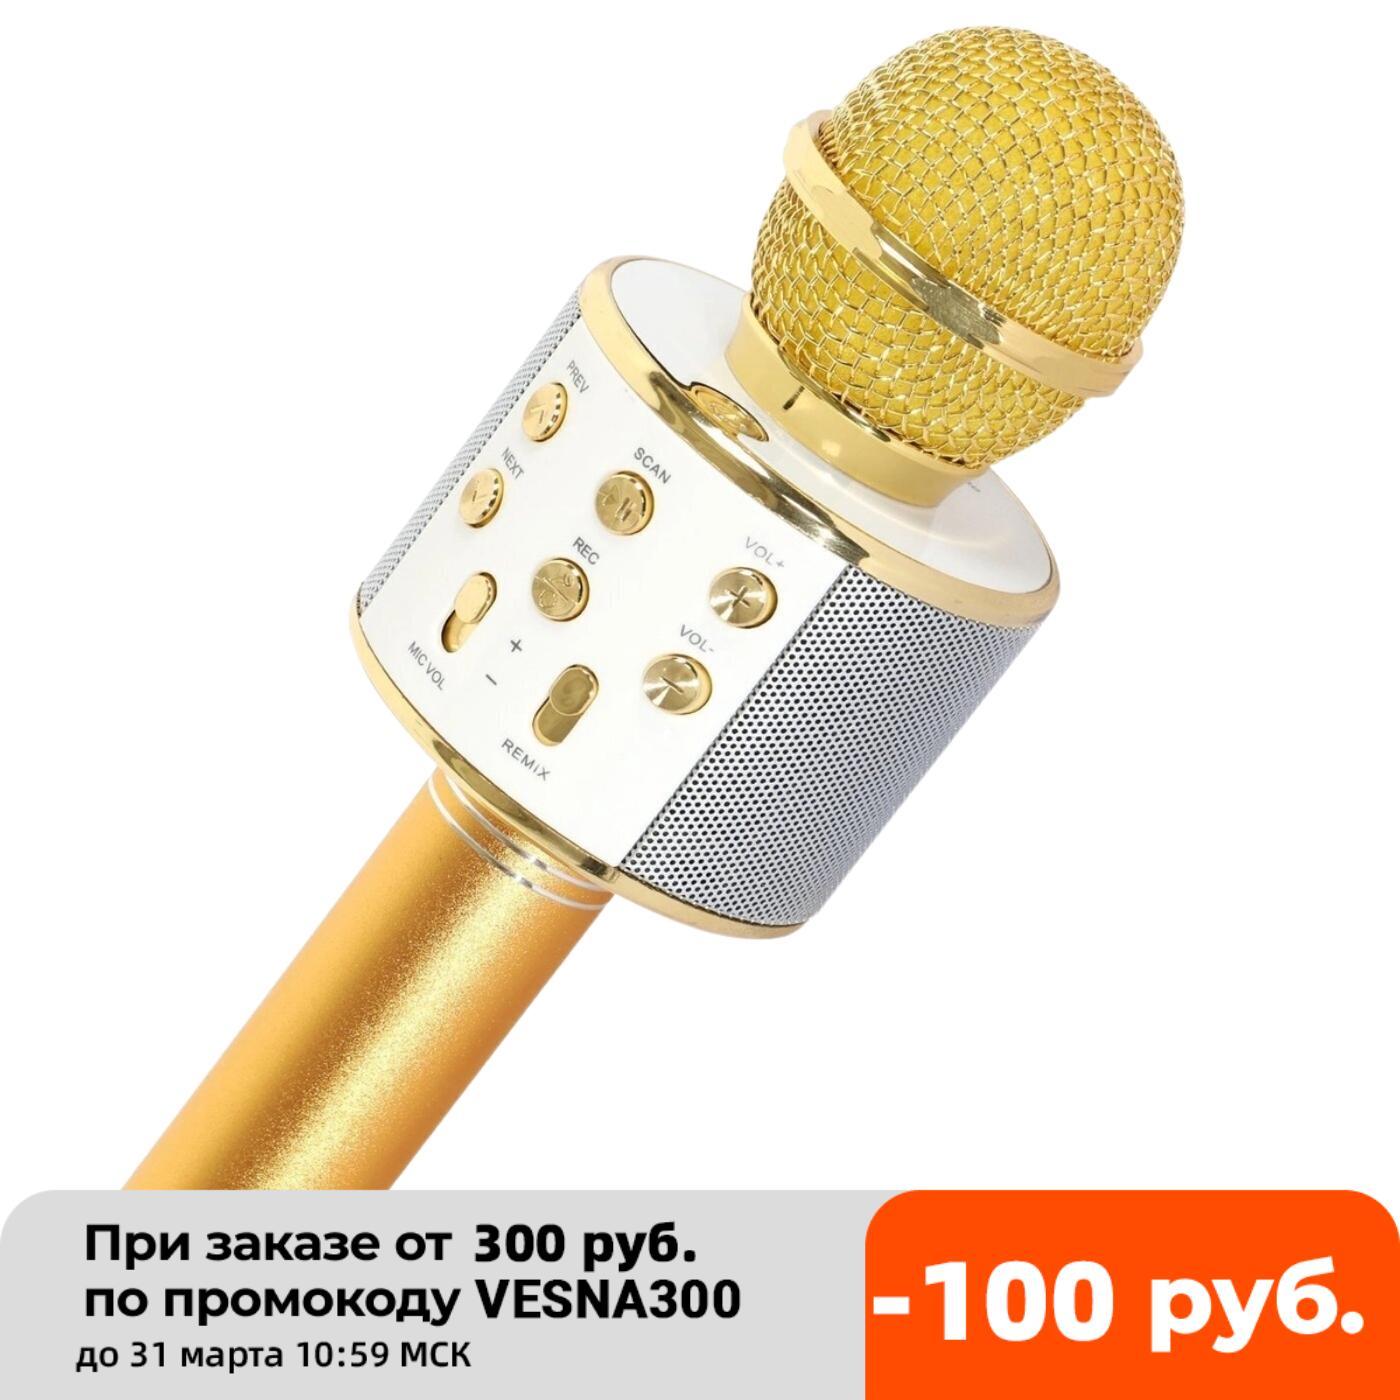 Скачать Караоке микрофон WS-858, золотой